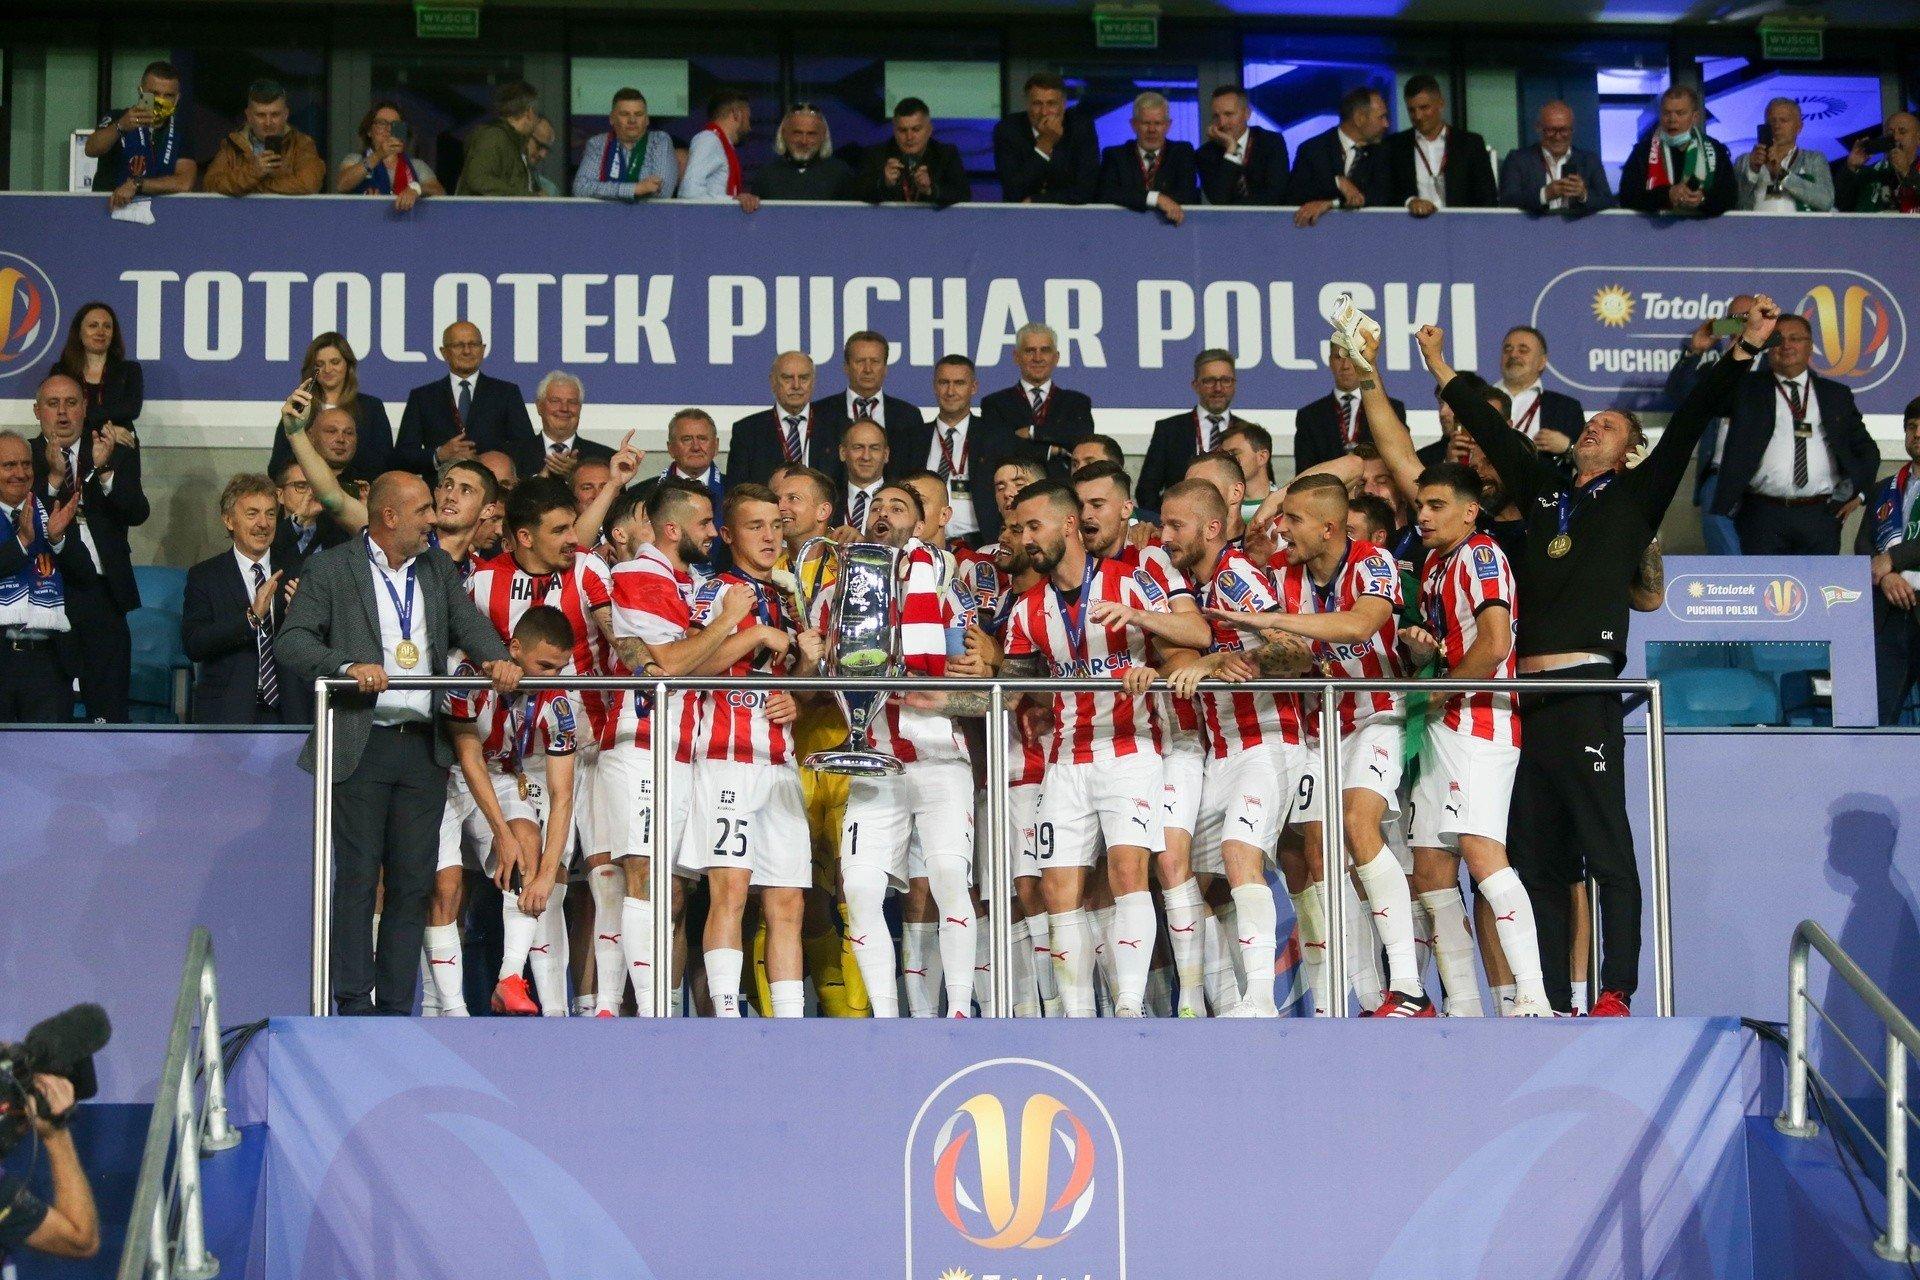 Cracovia zdobyła pierwszy raz Puchar Polski! Pierwsze ...